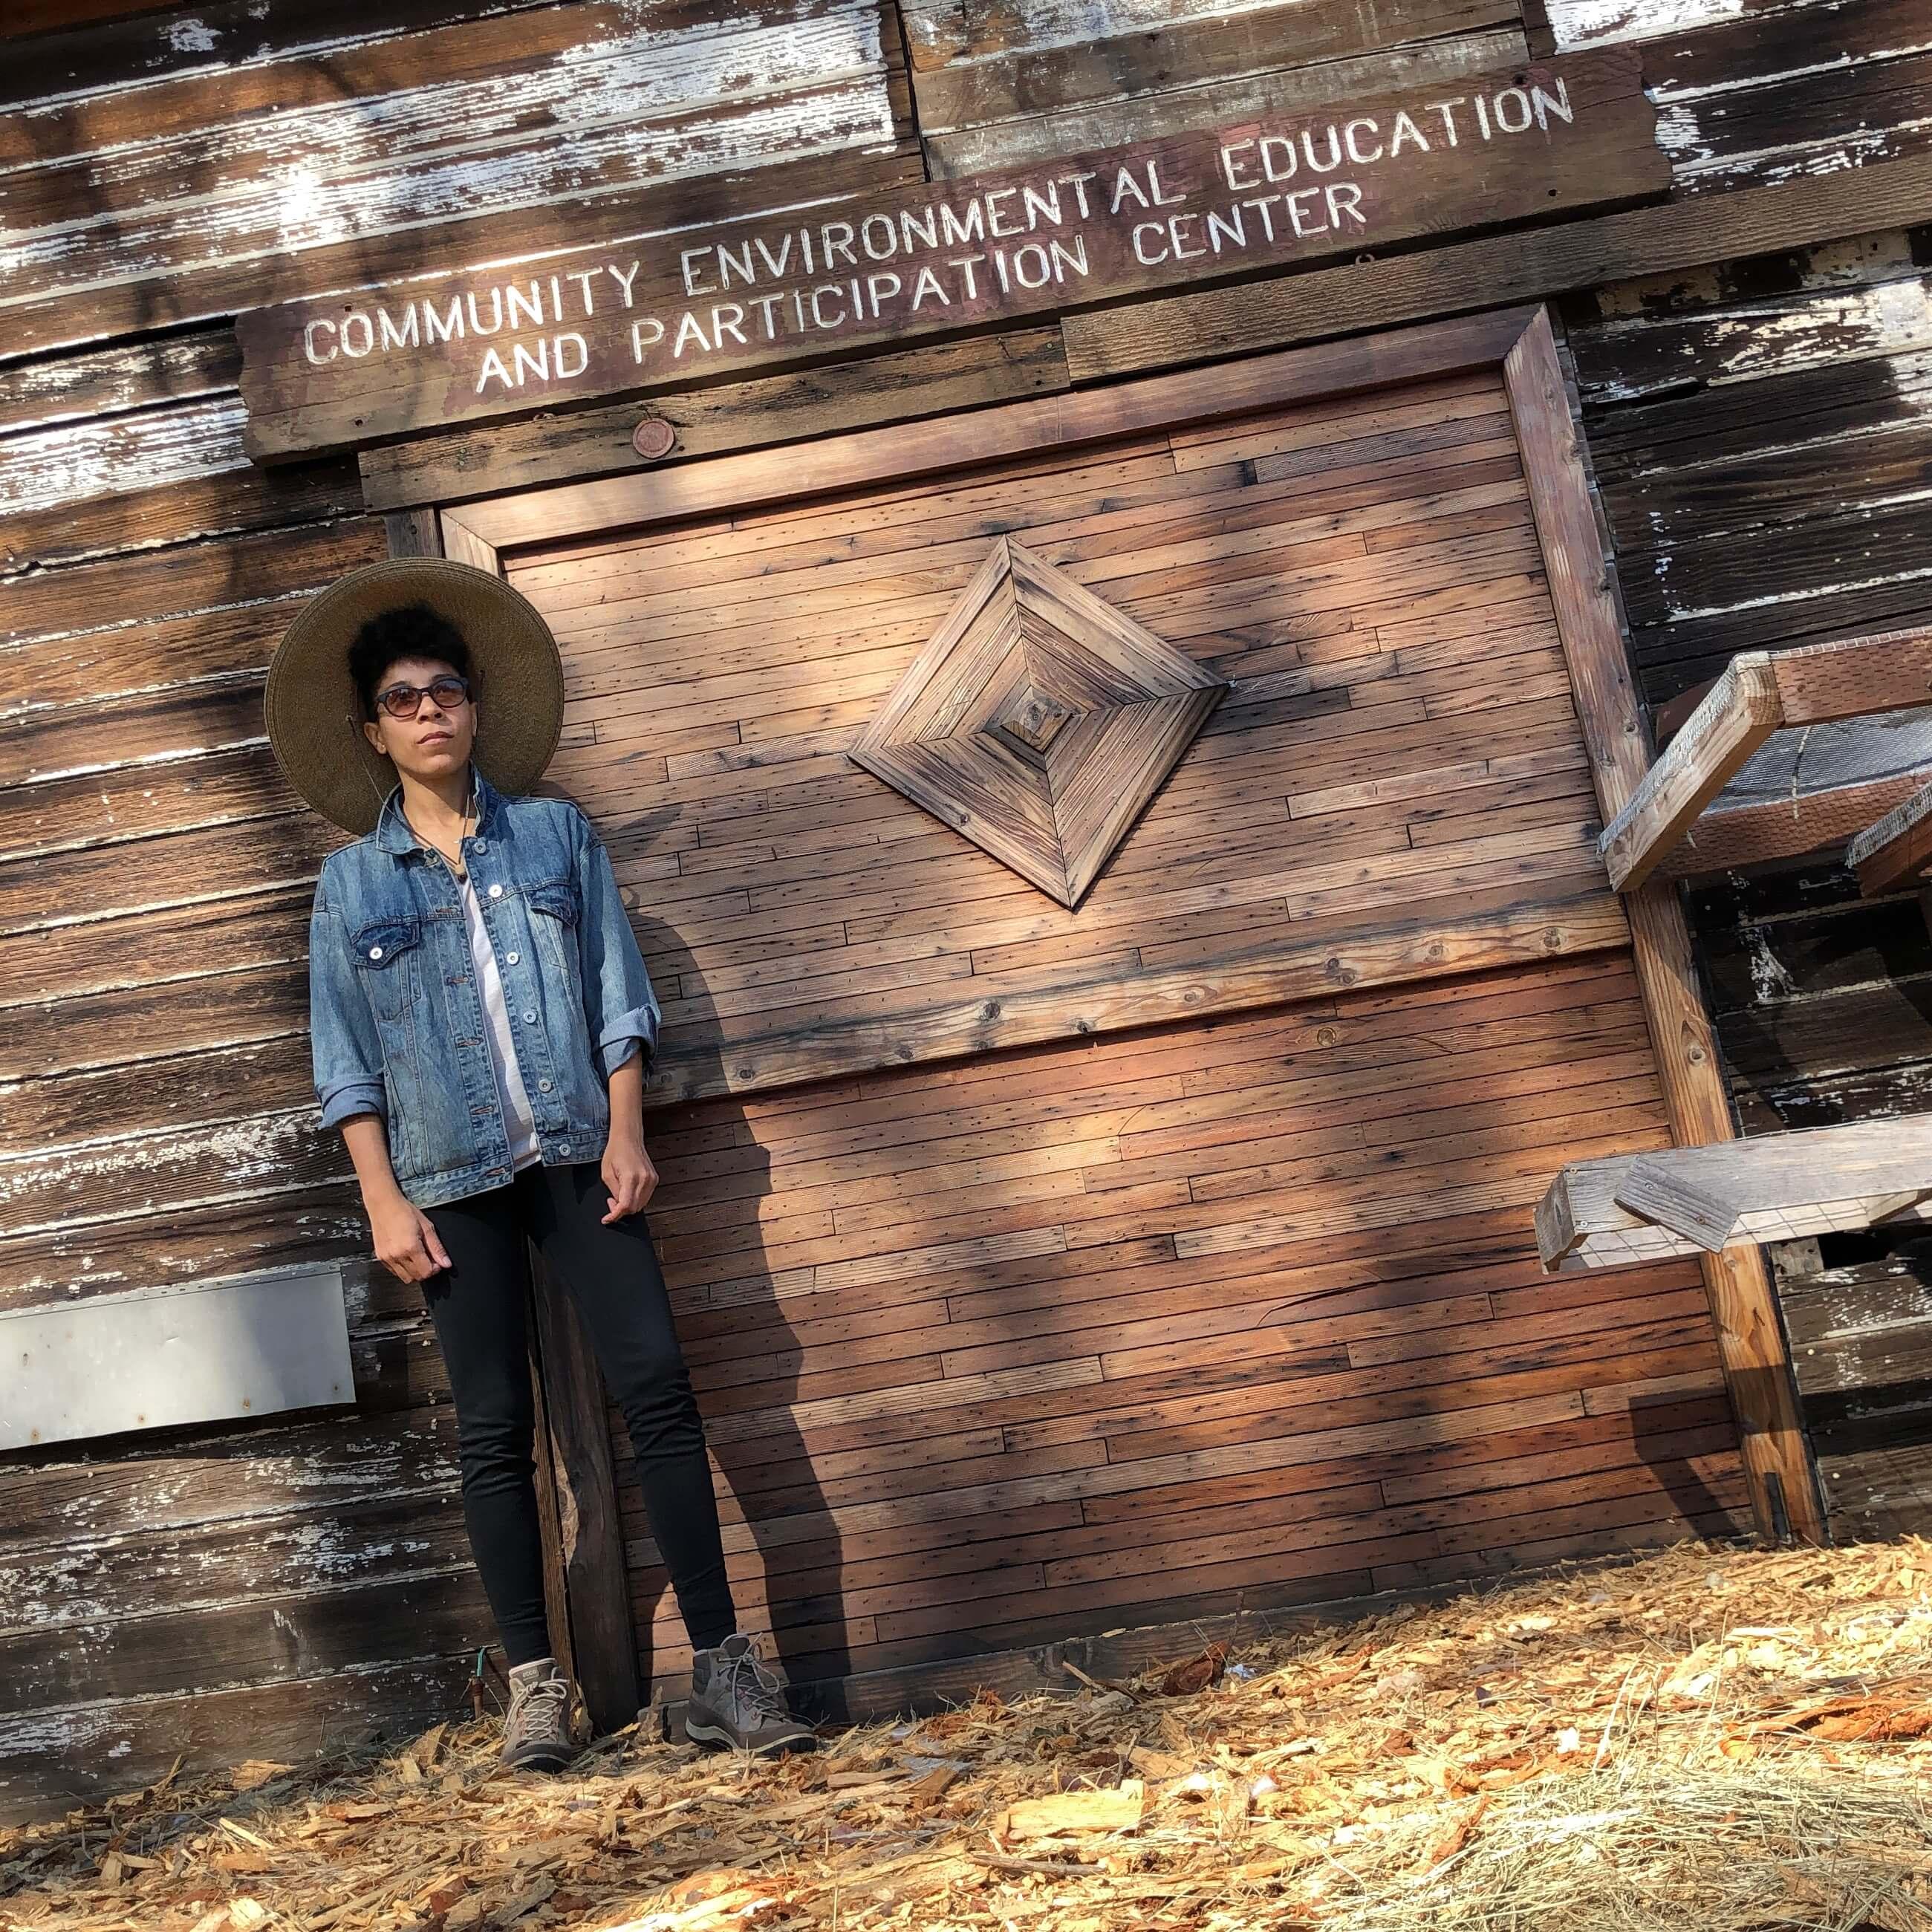 Jamie Renee Williams at Cottonwood Urban Farm